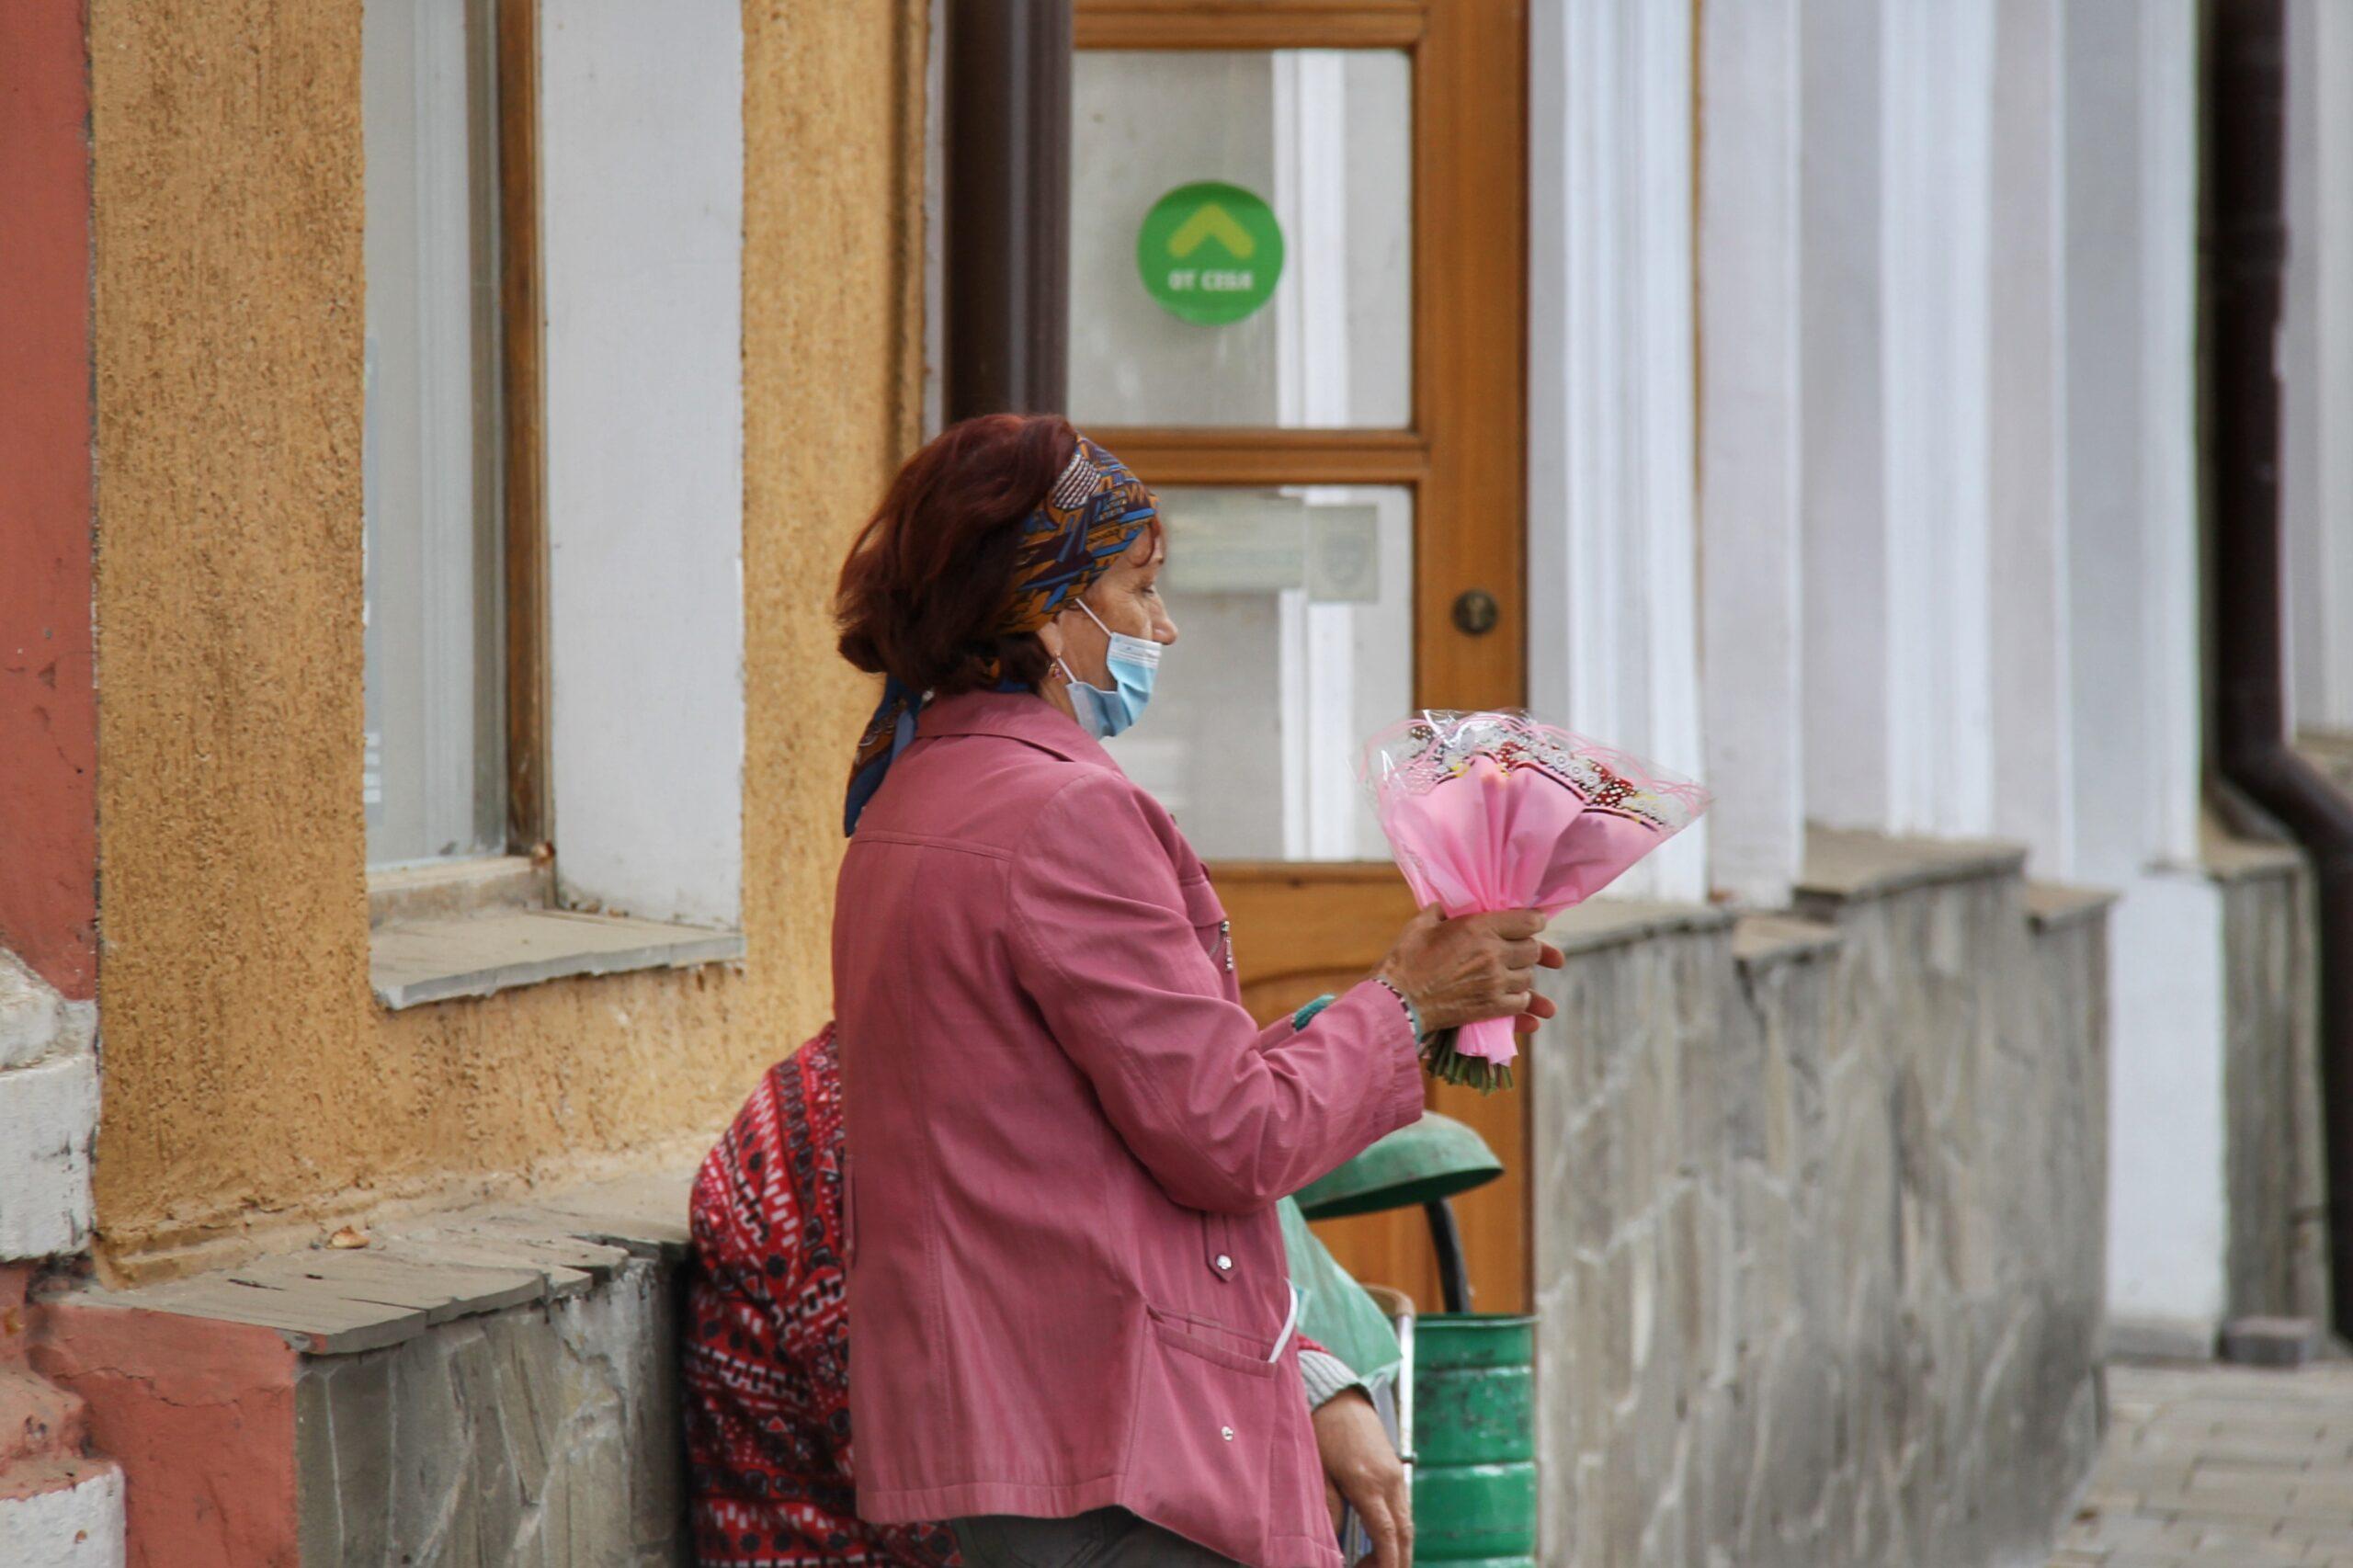 Возврат коронавирусных ограничений в Азове